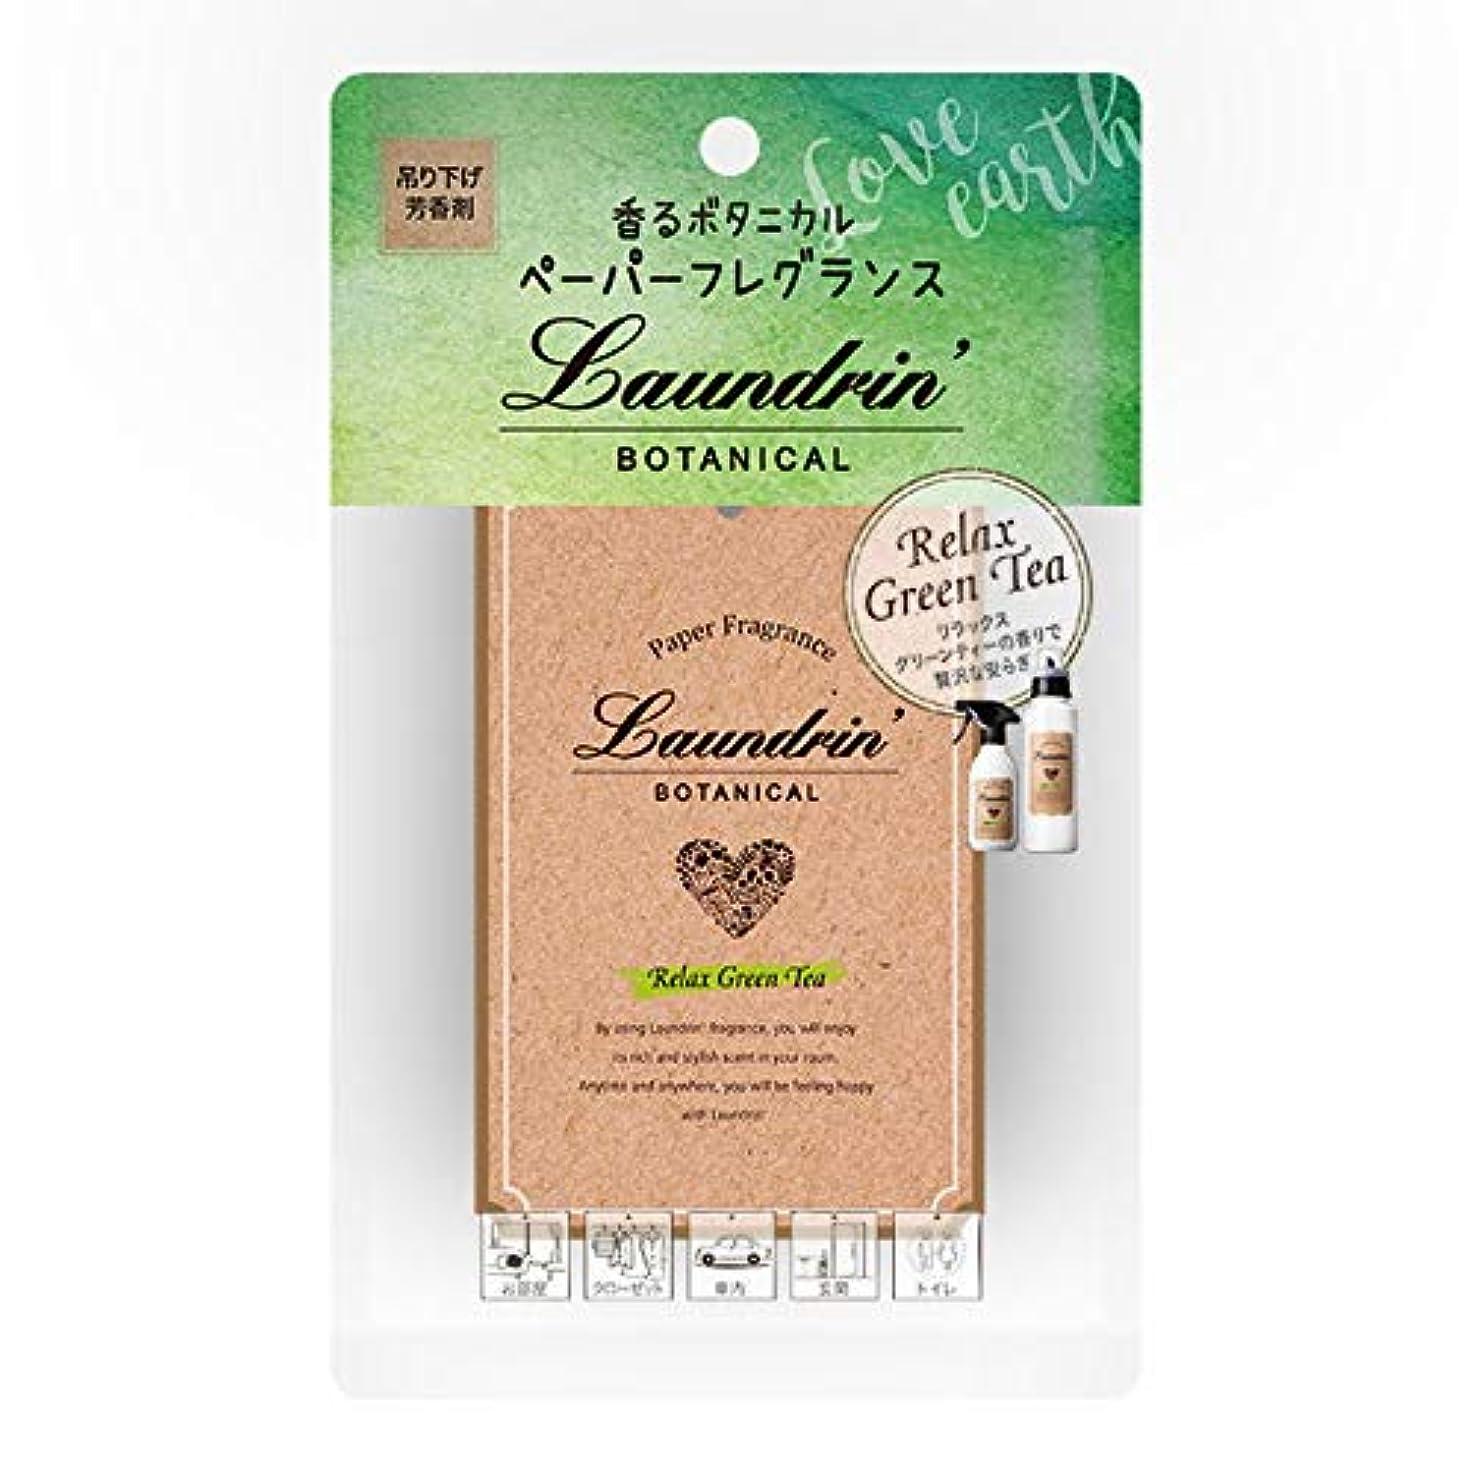 ハングミット鰐ランドリン ボタニカル ペーパーフレグランス リラックスグリーンティー (1枚) 芳香剤